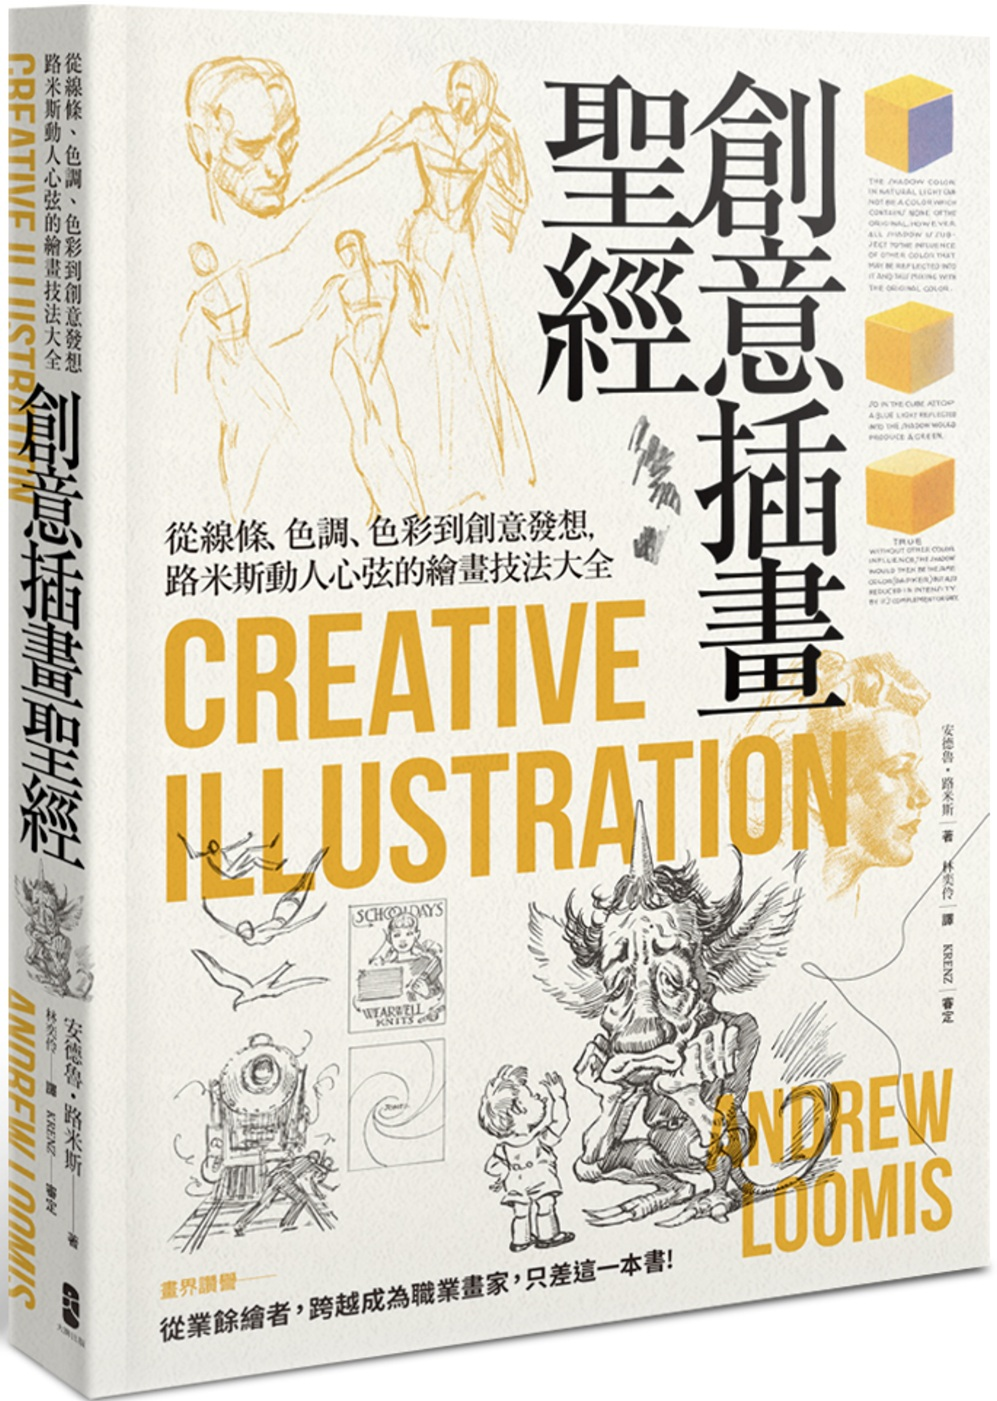 創意插畫聖經(二版):從線條、色調、色彩到創意發想,路米斯動人心弦的繪畫技法大全